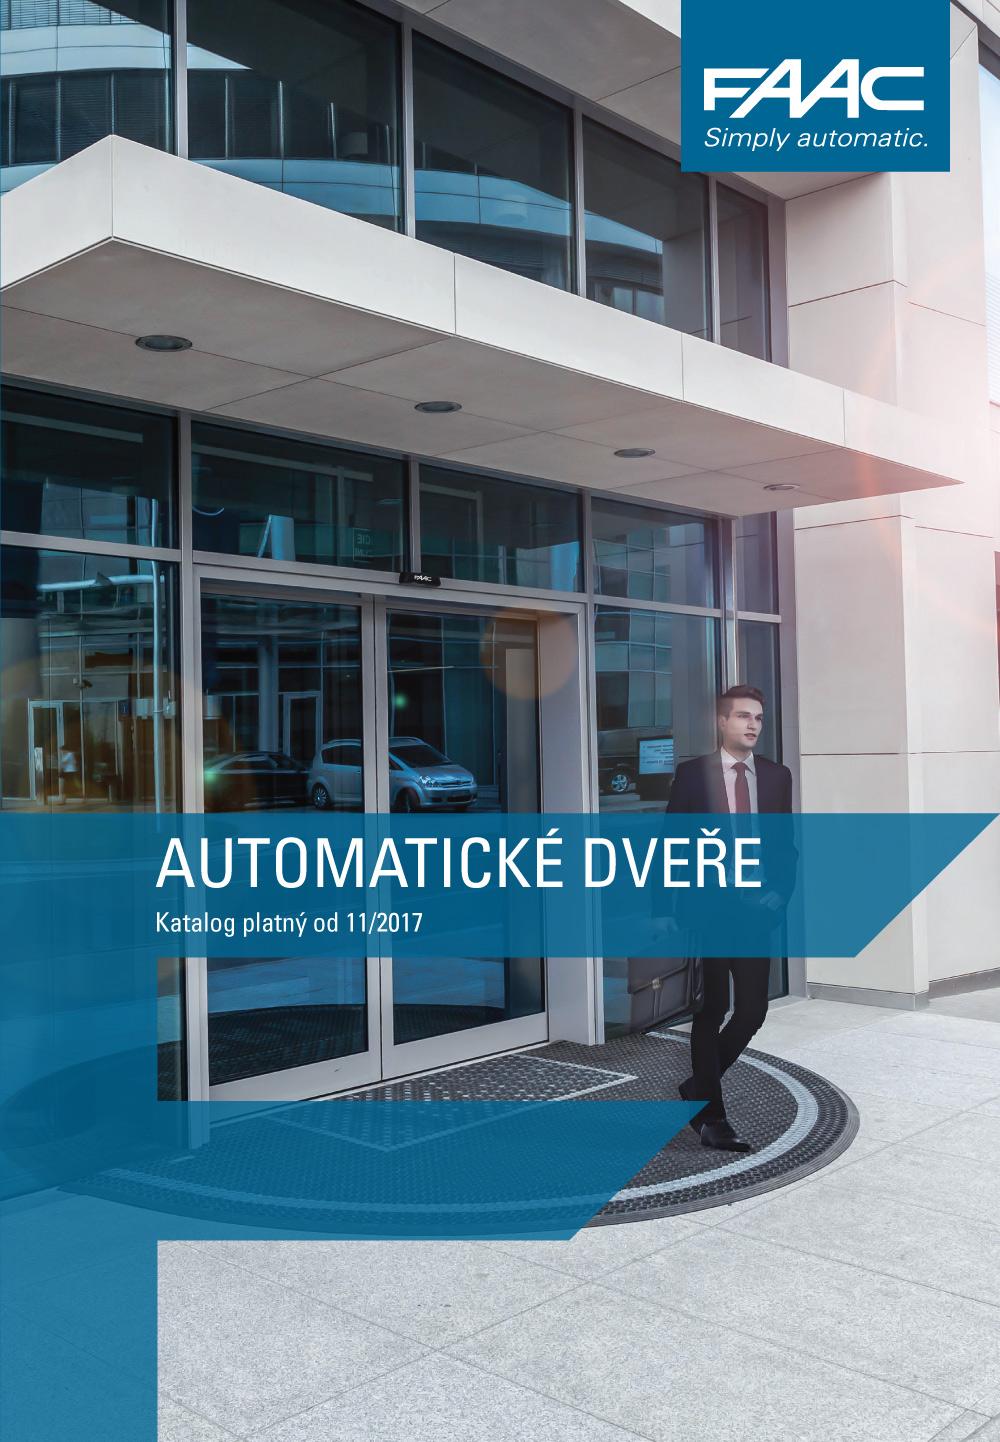 Katalog Automatické dveře FAAC 2017